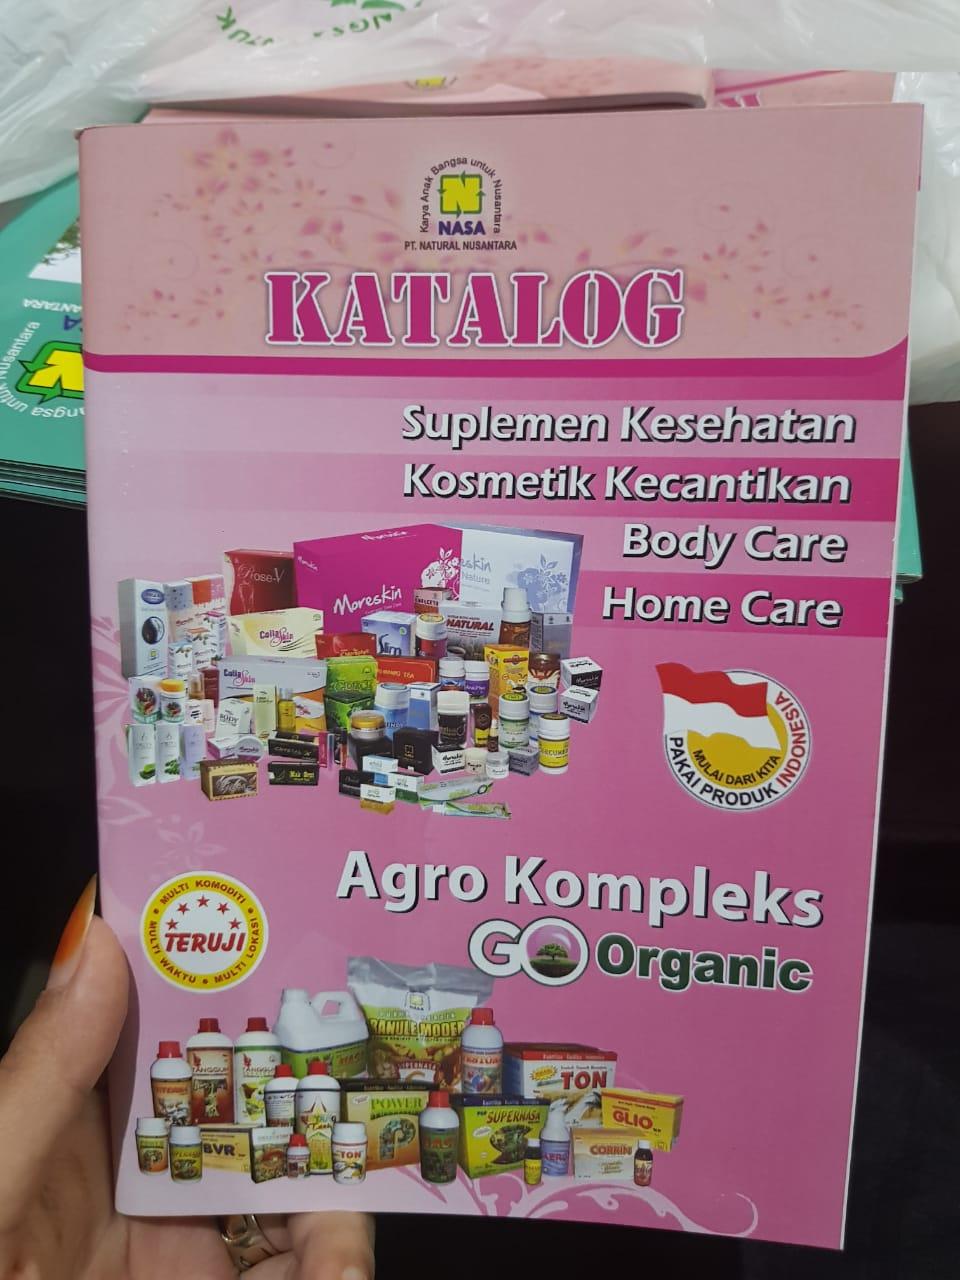 Profile Perusahaan Natural Nusanatara Jogjakarta Penan Distributor Nasa Melayani Pendaftaran Dan Pemesanan Produk Via Online Pengiriman Ke Seluruh Nusantara